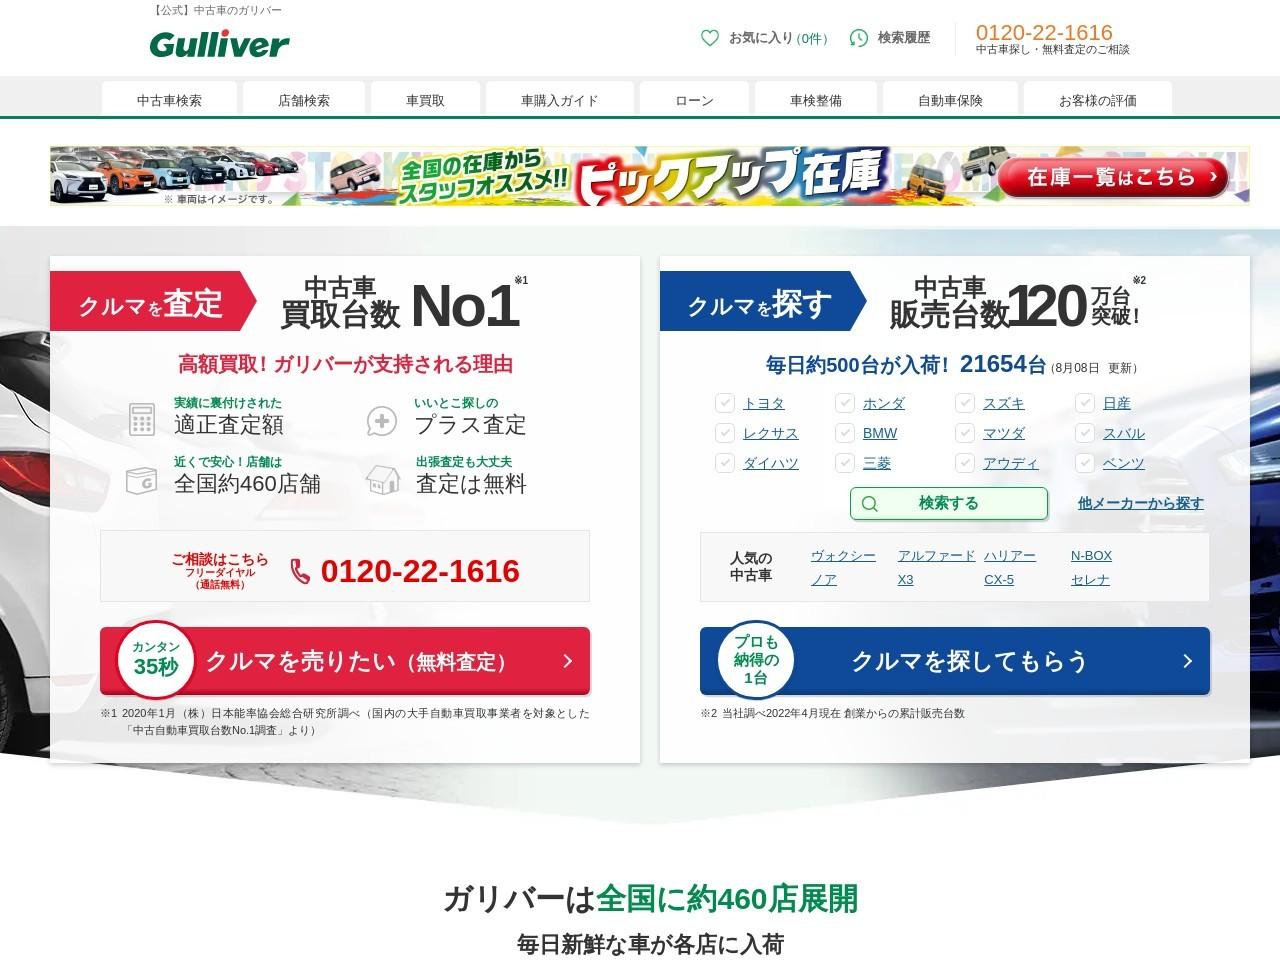 2019年 おすすめ輸入車ランキング【中古車ベスト5】